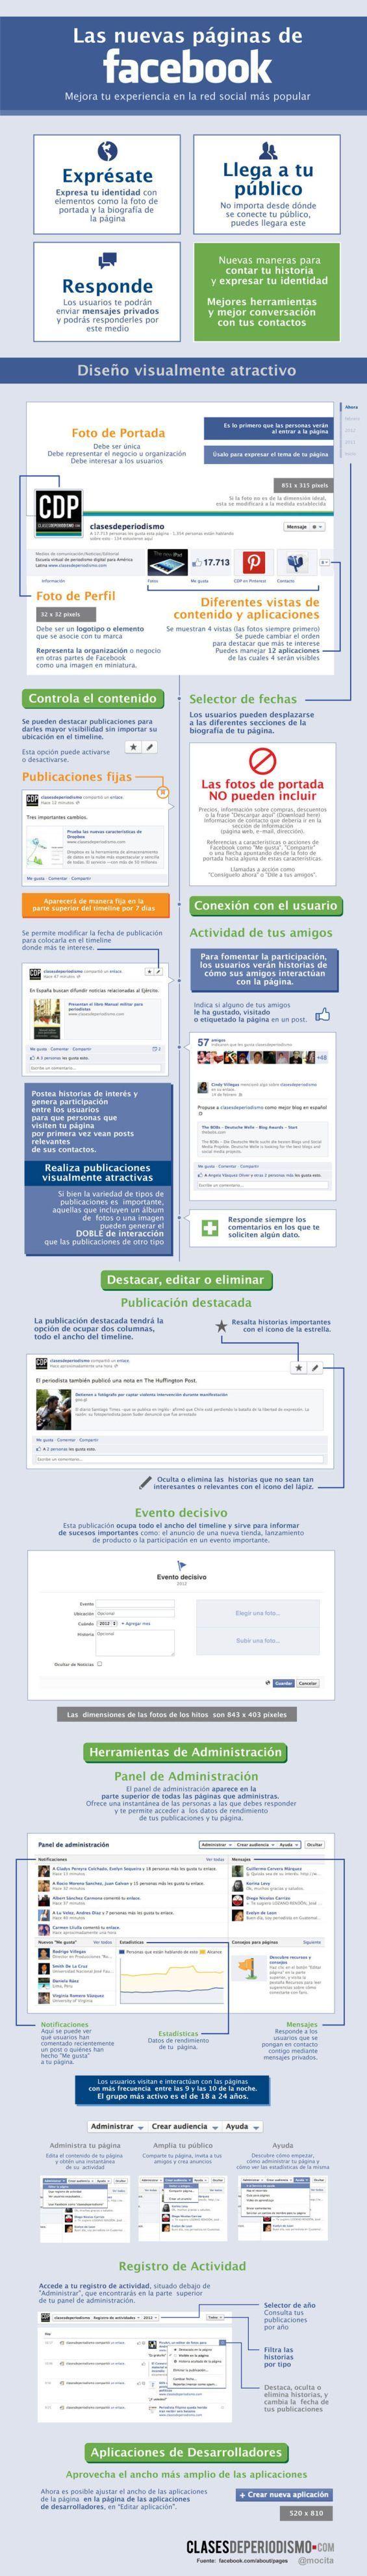 Las nuevas páginas de FaceBook #infografia #infographic#socialmedia